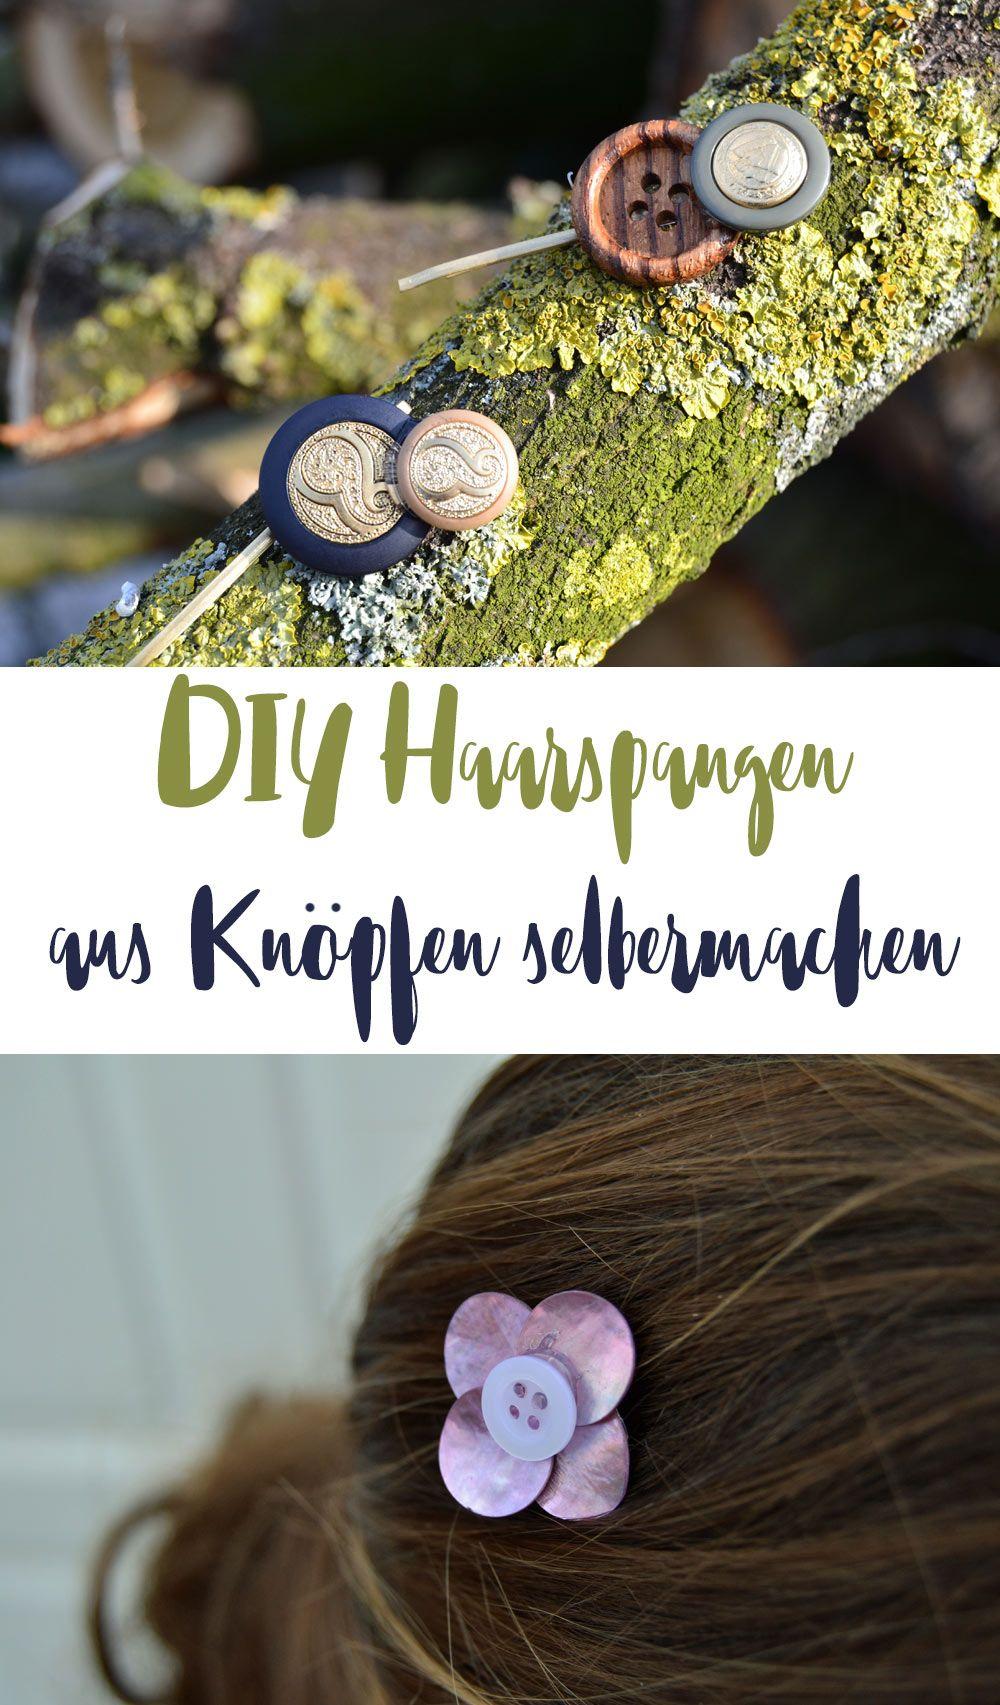 DIY Haarspangen selbermachen mit Knöpfen und Perlmutt ...